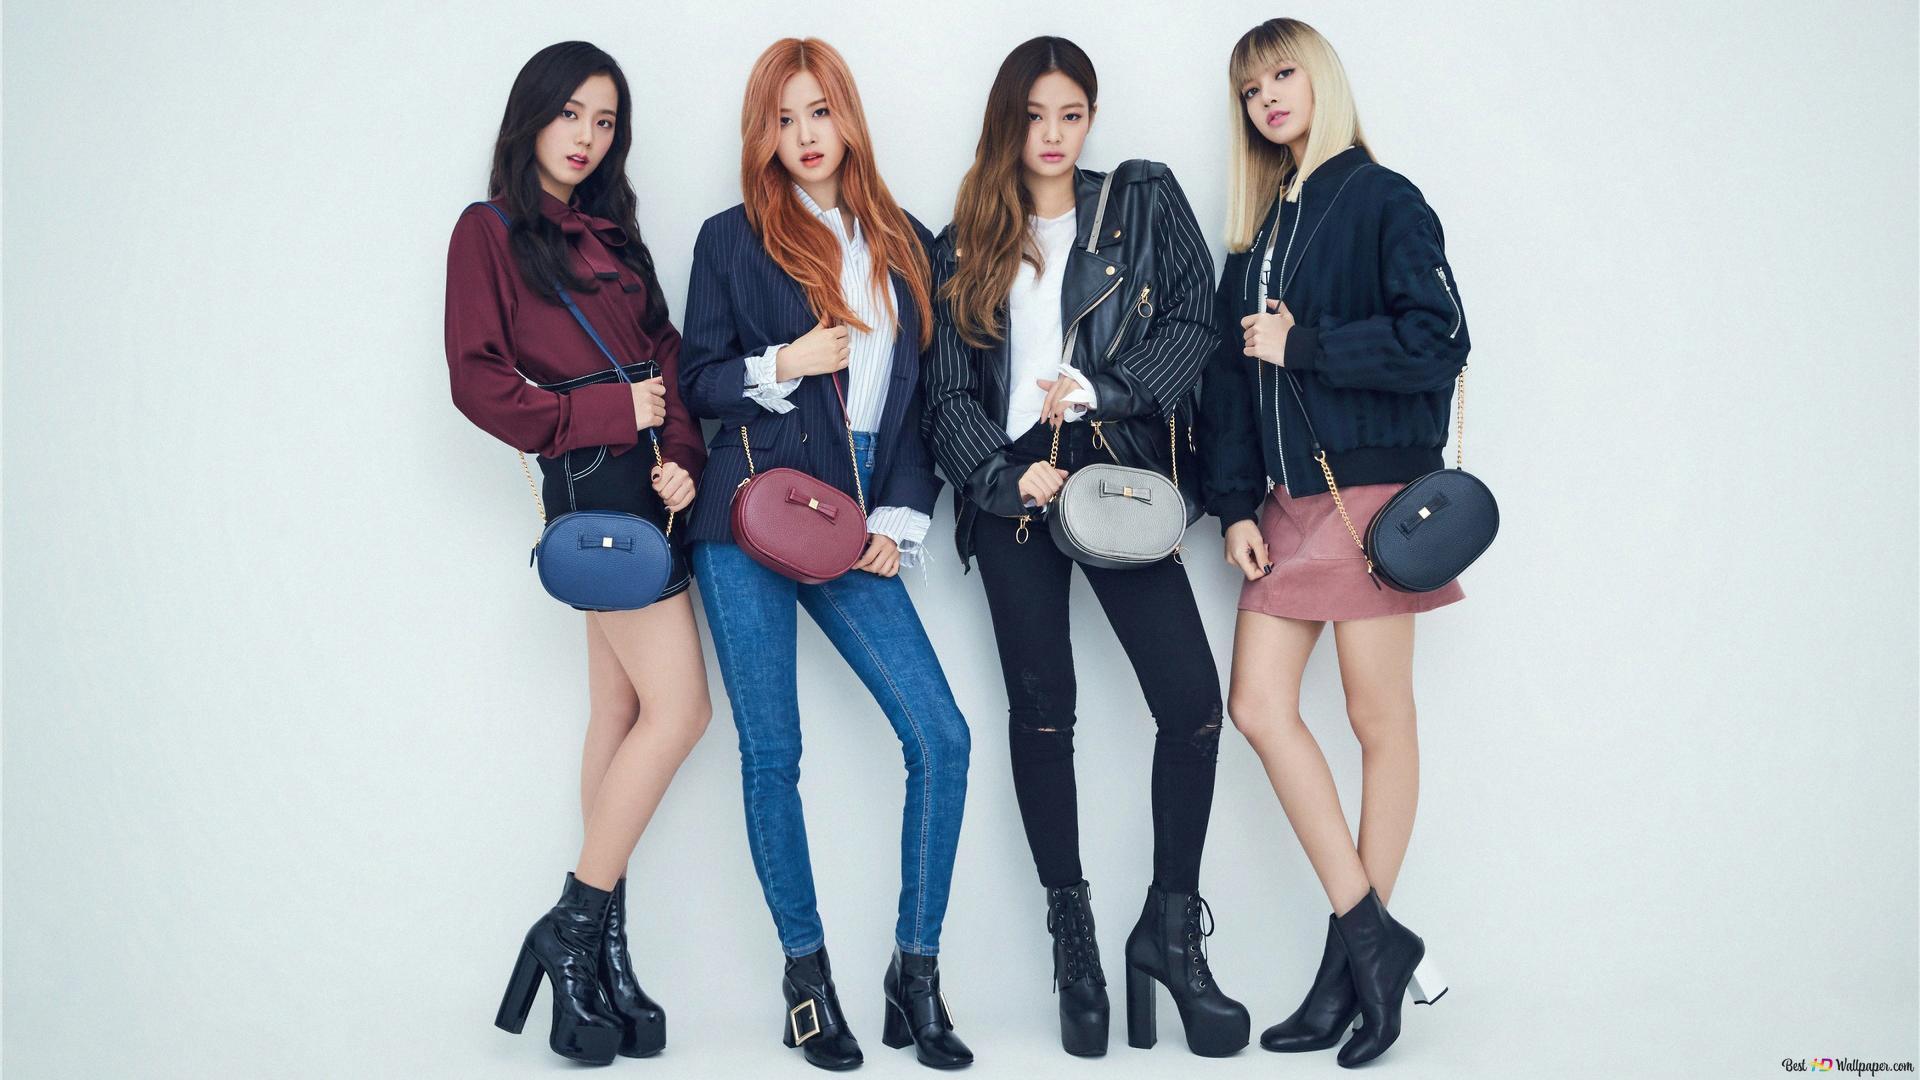 K Pop Music Girls Group Blackpink Hd Wallpaper Download